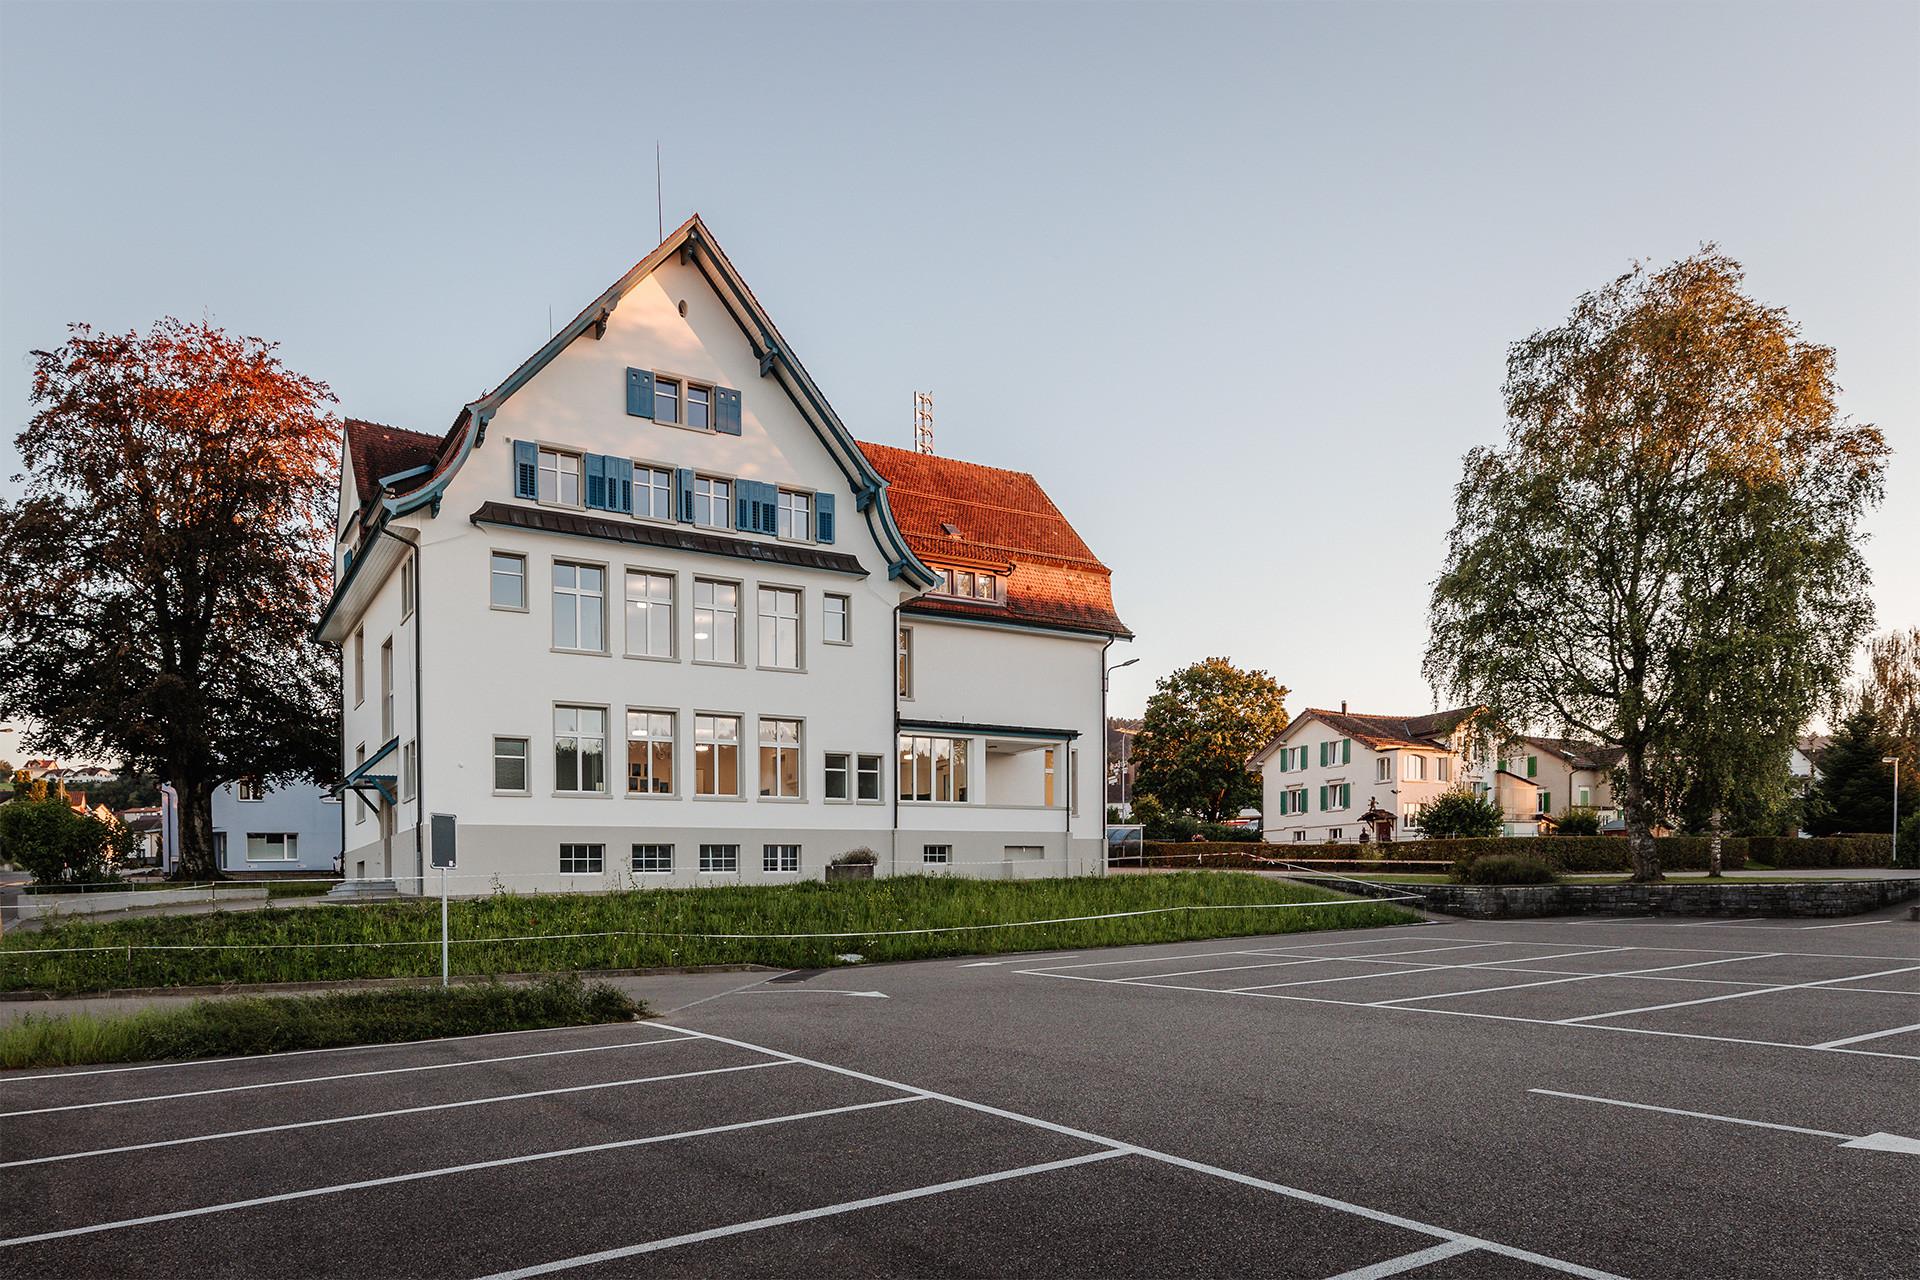 architekturfotografie-schweiz-ostschweiz